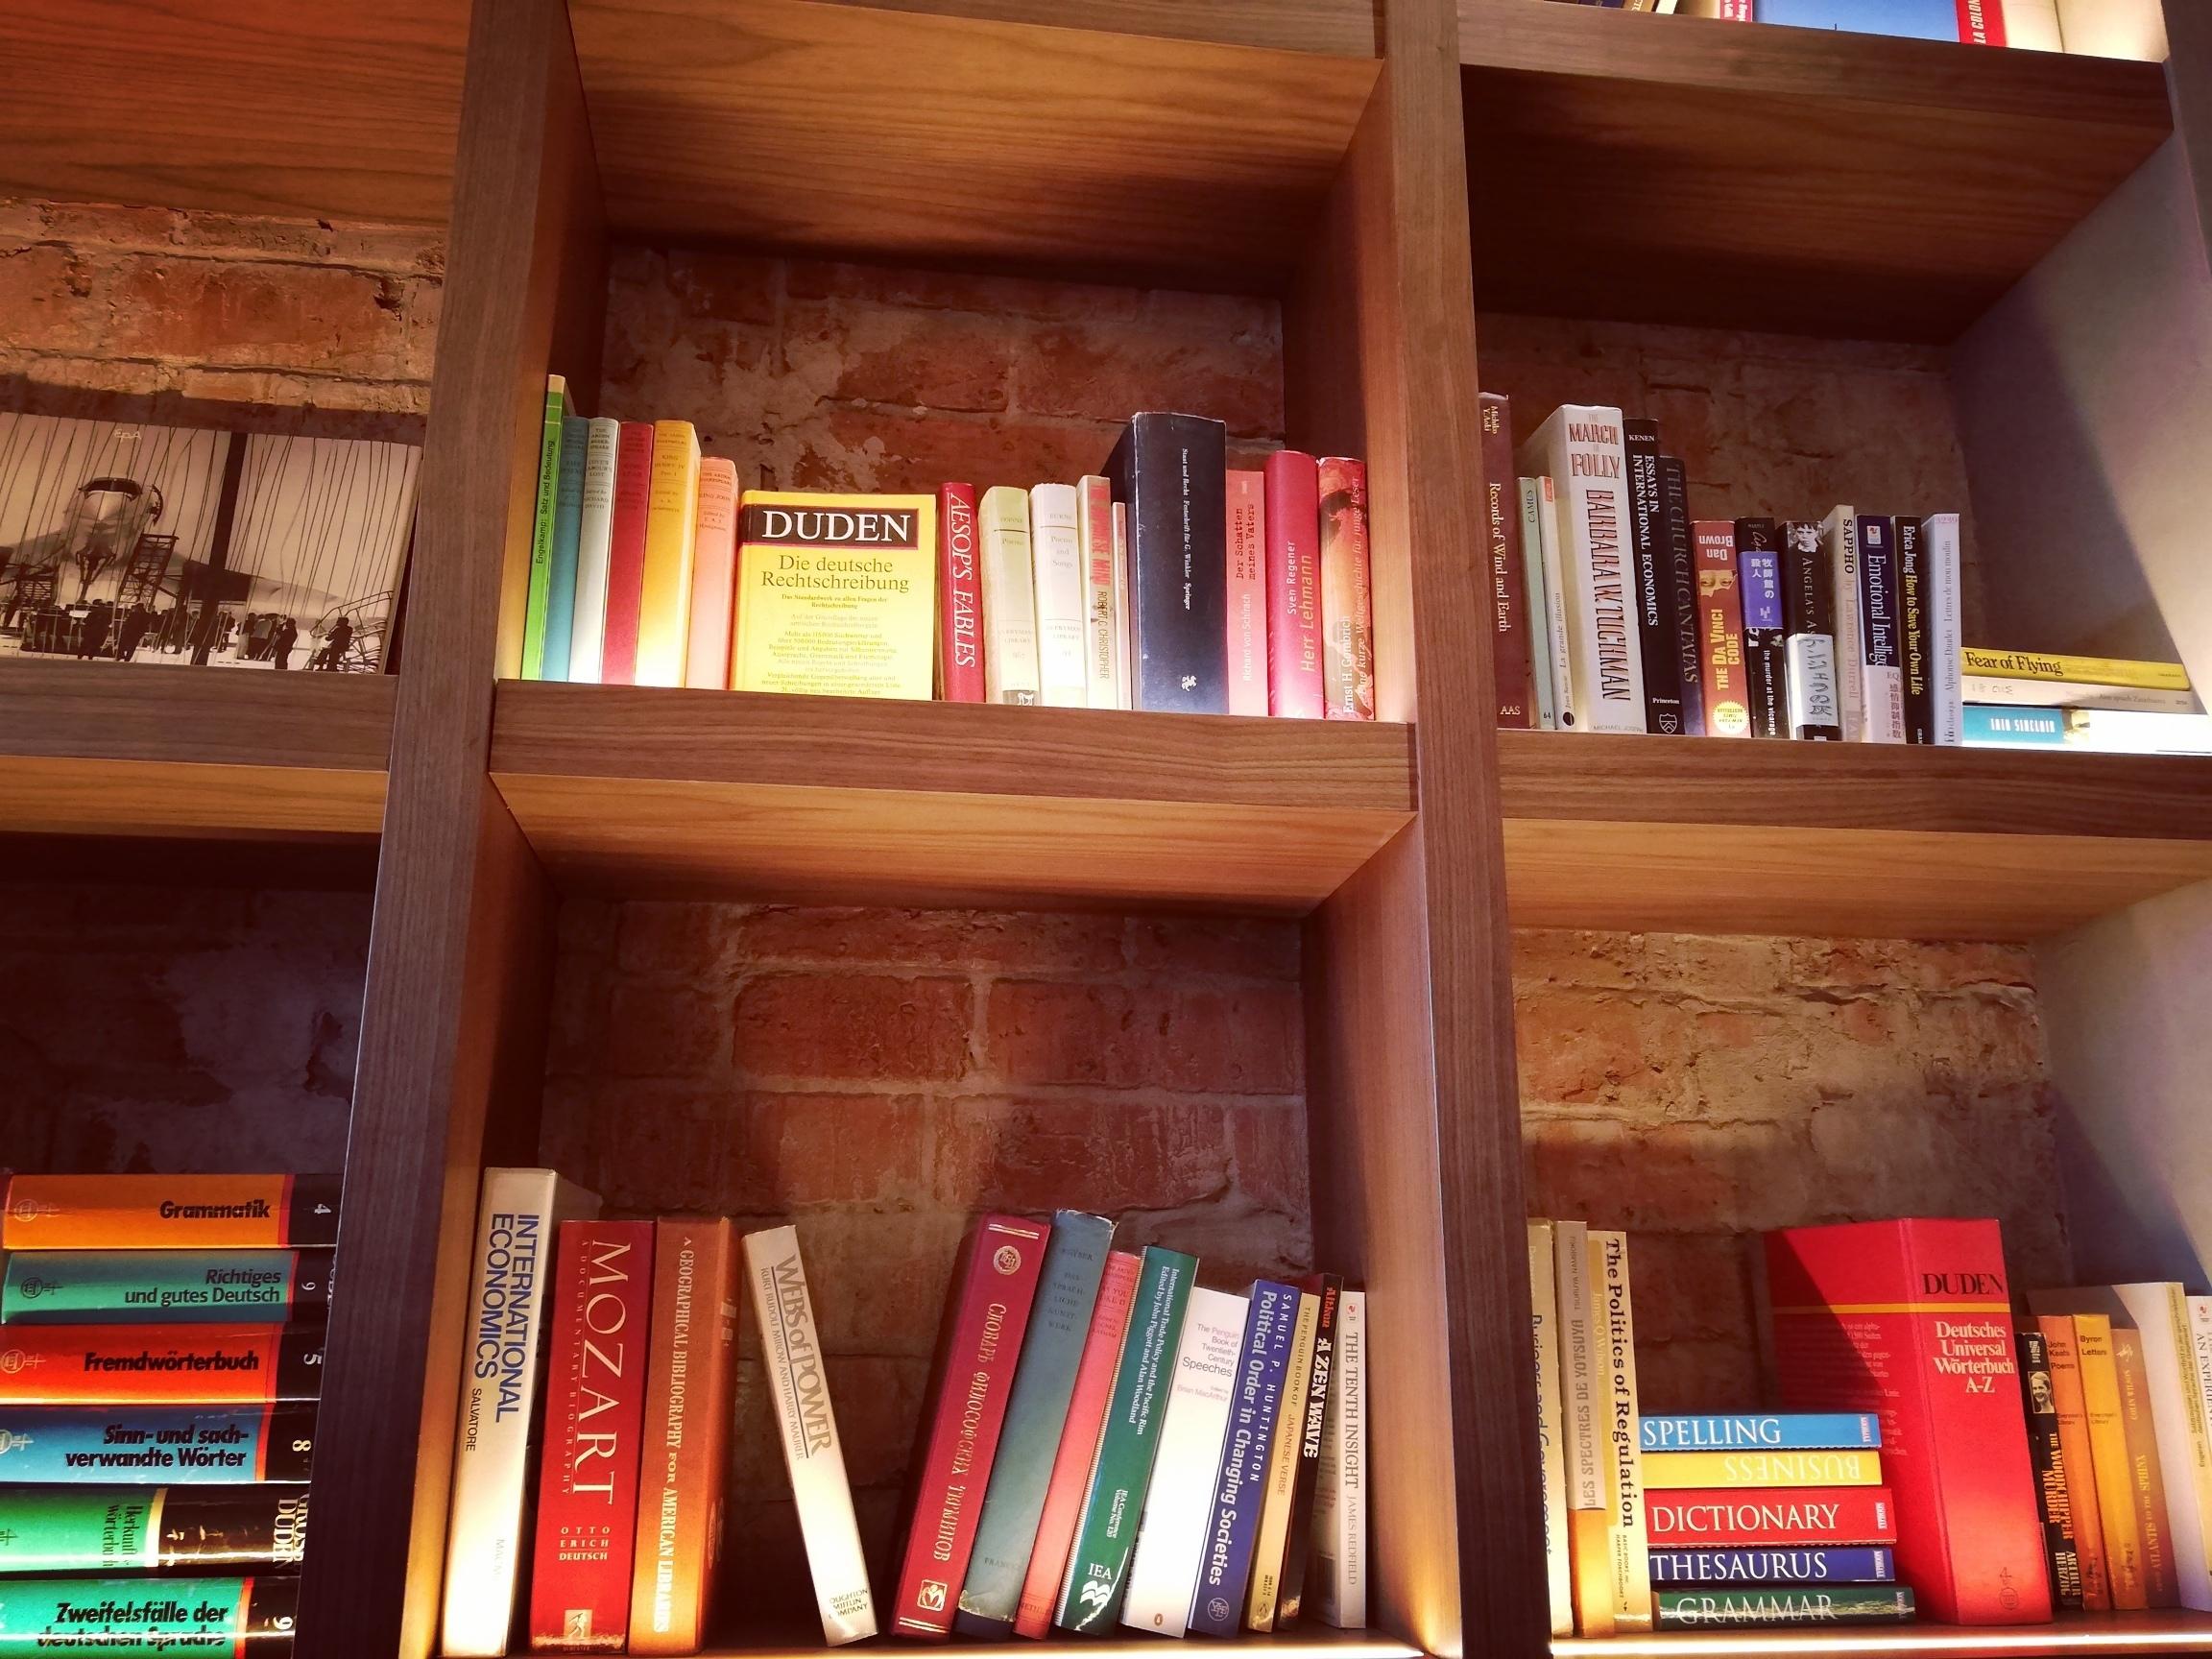 洋書の本棚の写真です。